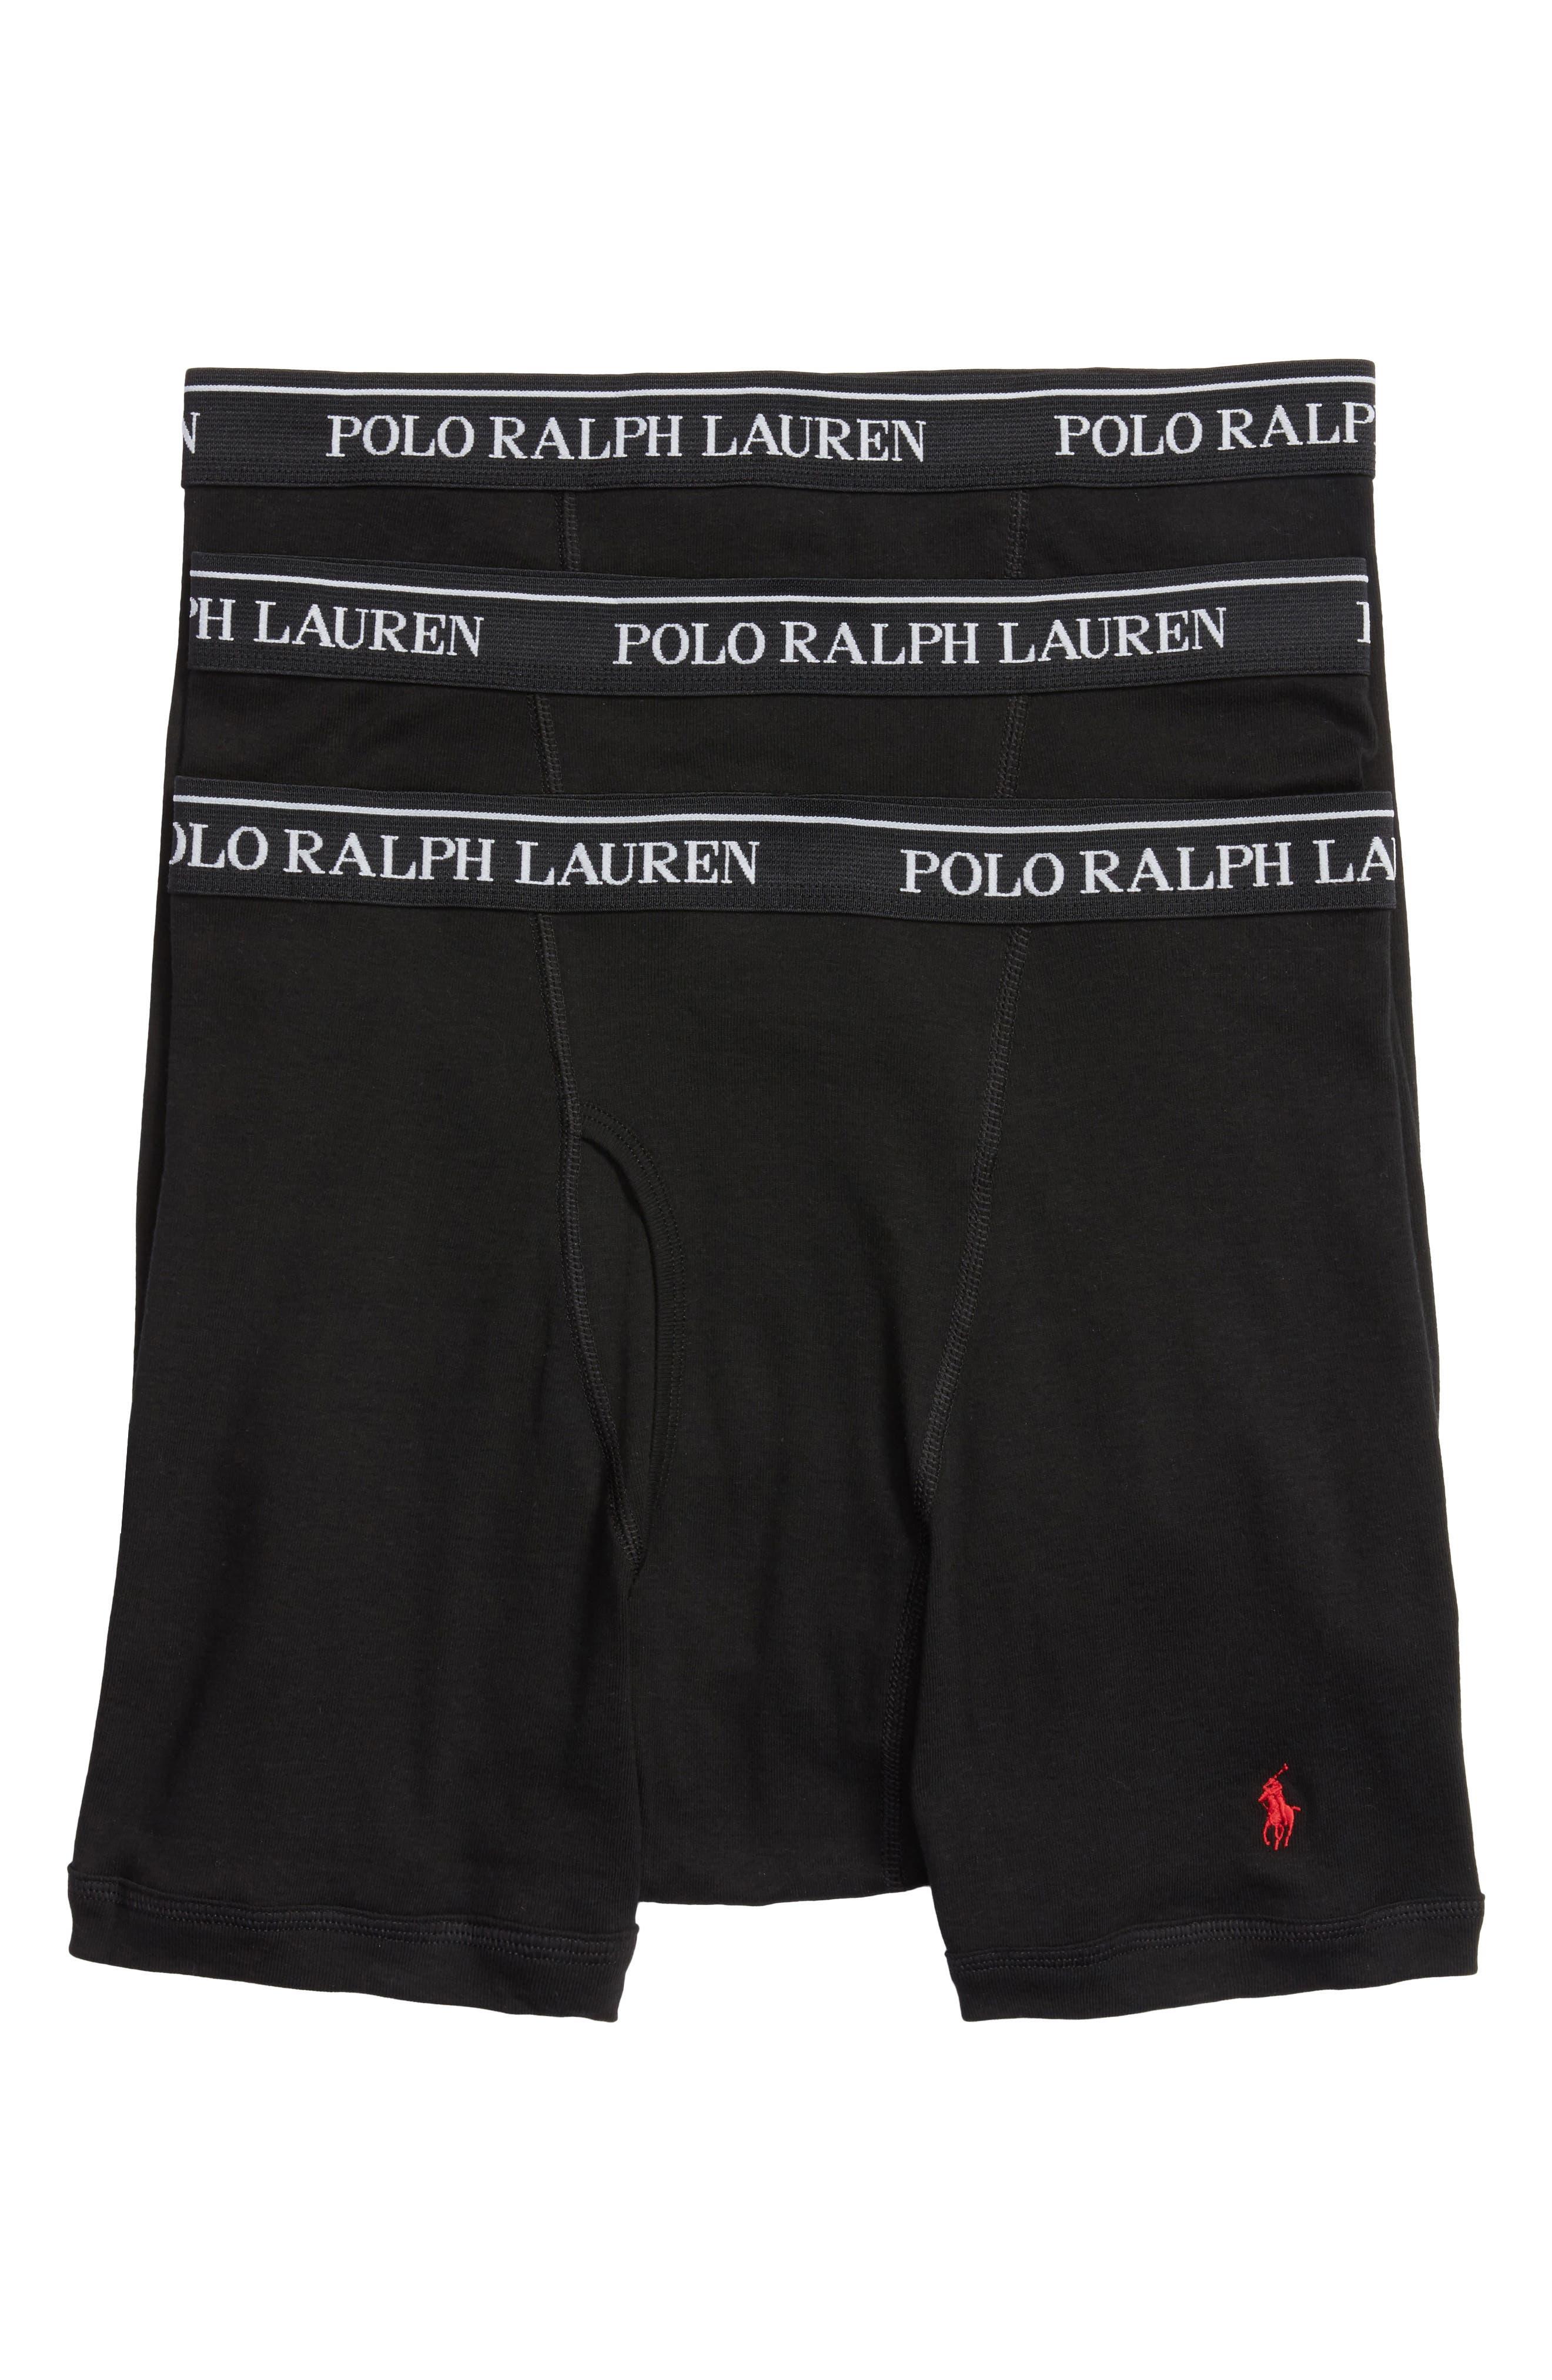 Polo Ralph Lauren 3-Pack Cotton Boxer Briefs,                         Main,                         color, POLO BLACK